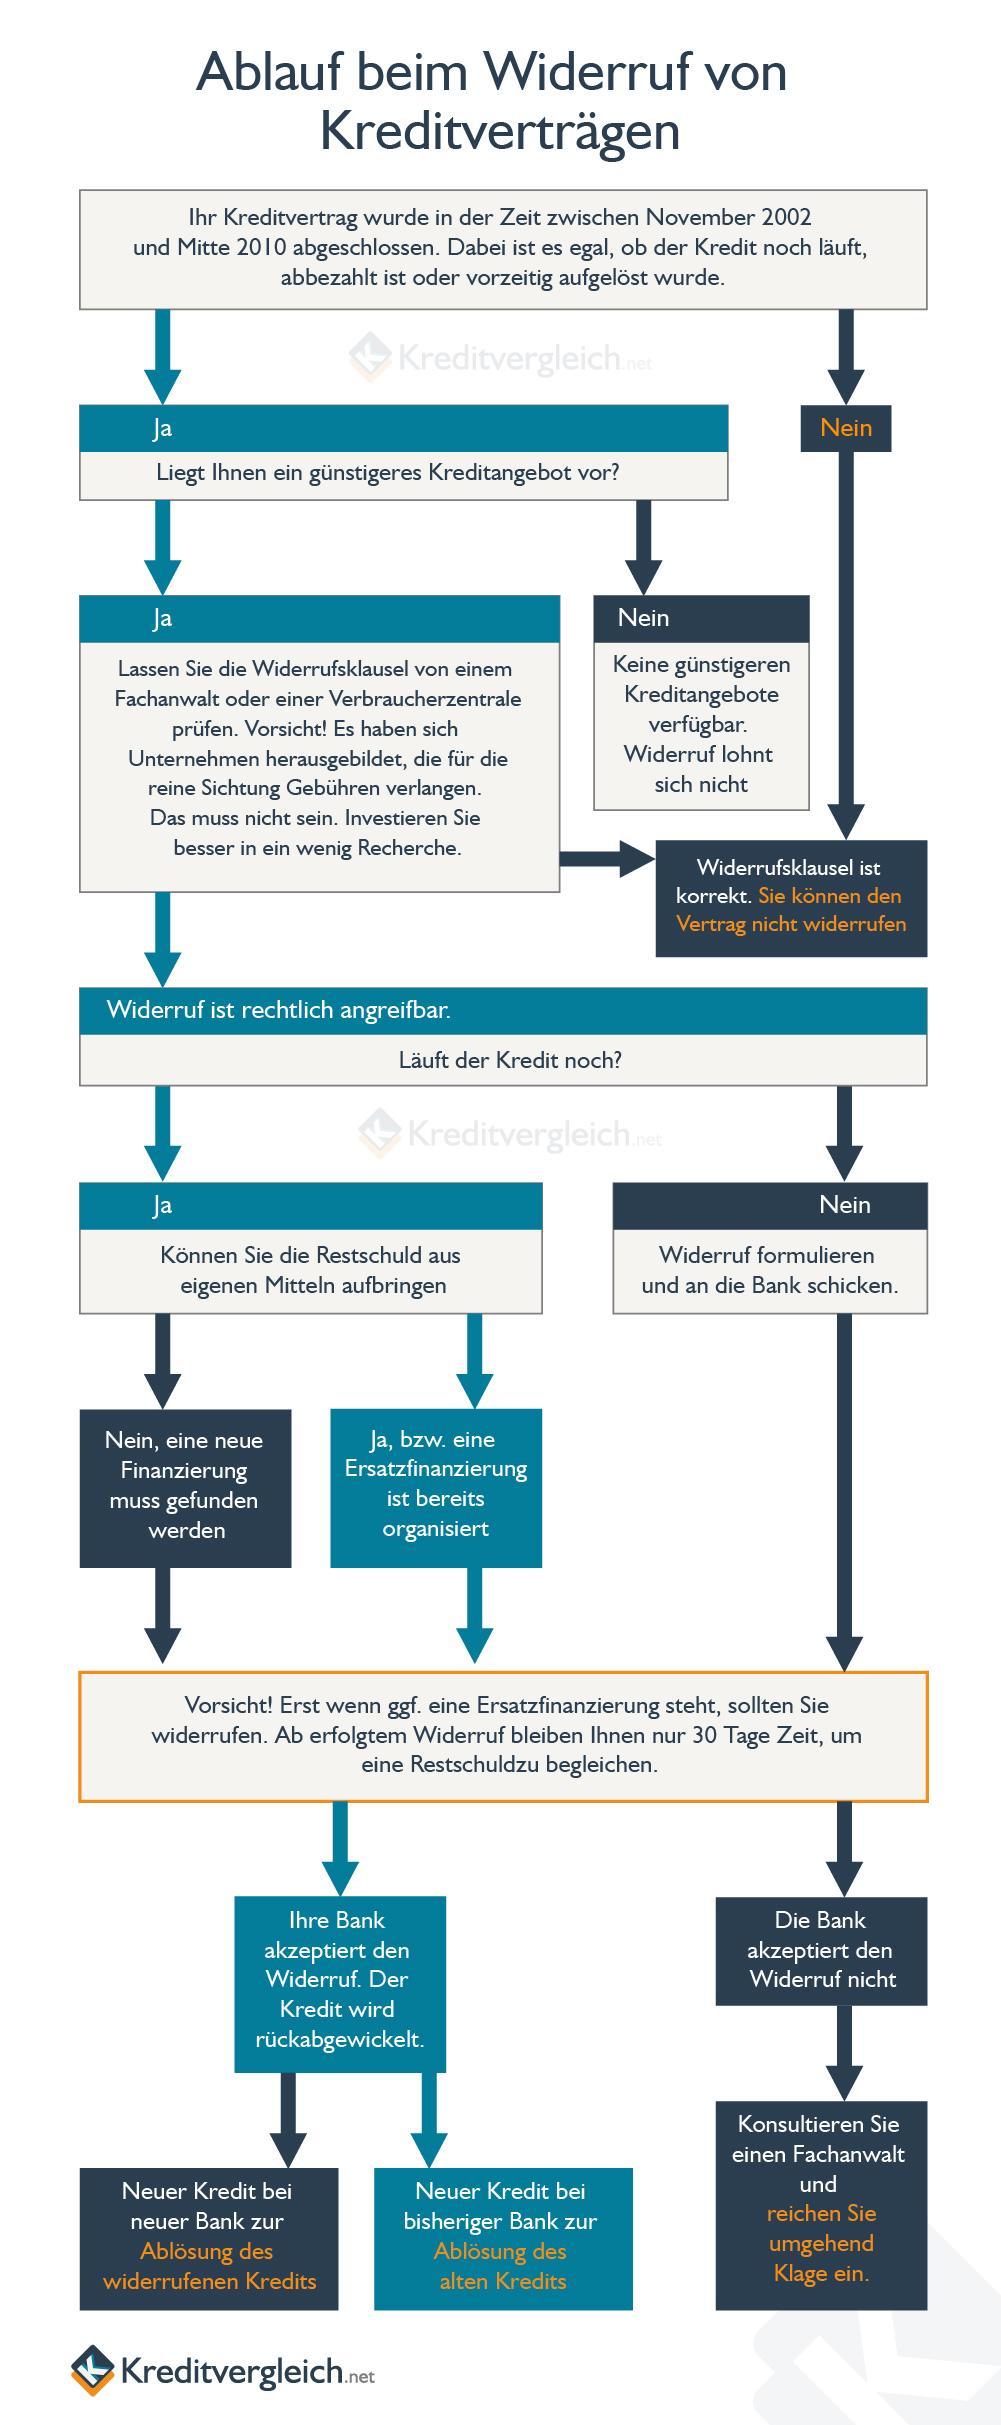 Schematische Darstellung der Einzelschritte beim Widerruf von Baufinanzierungen